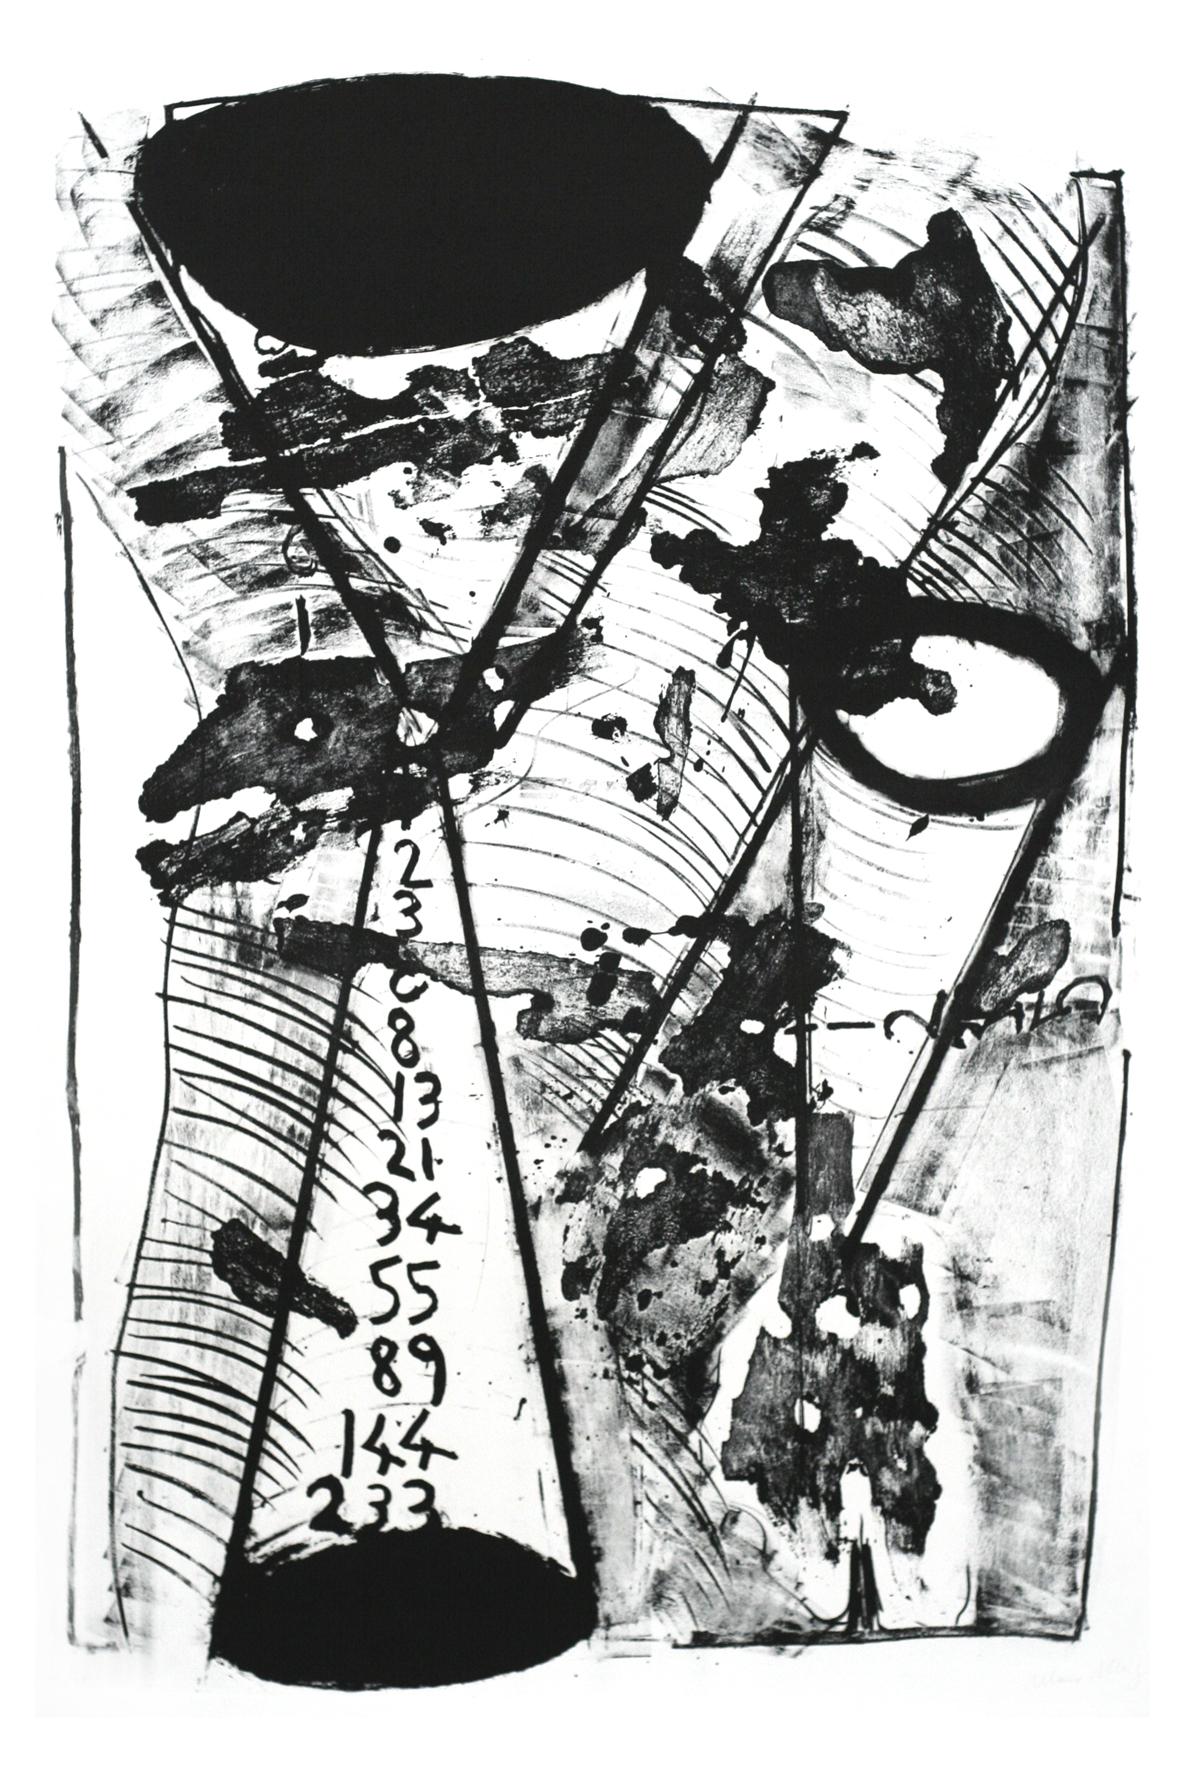 """Mario Merz, """"Sans titre II"""", lithographie,120 x 80 cm, édition sur demande"""